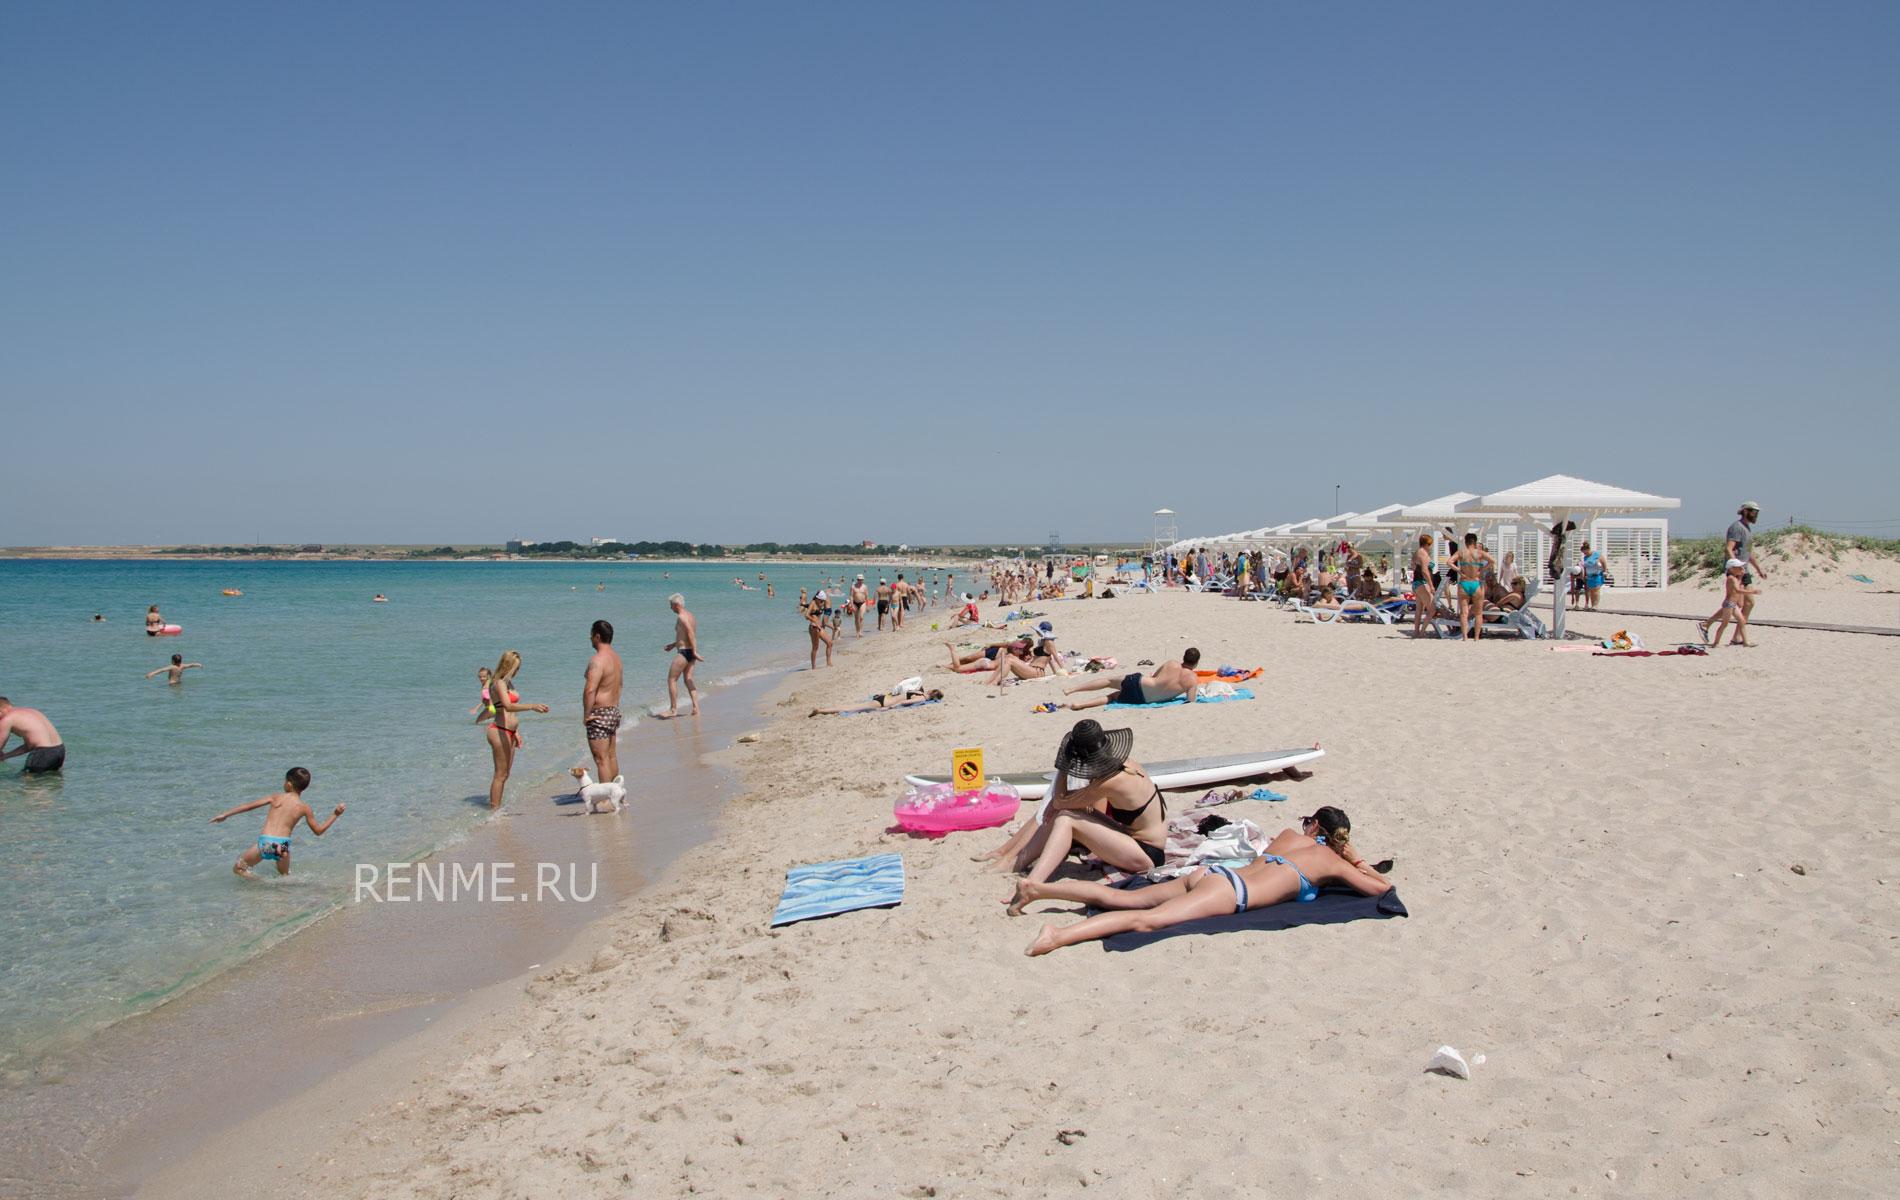 """Пляж """"Майами"""" в Оленевке, июнь 2019. Фото Оленевки"""